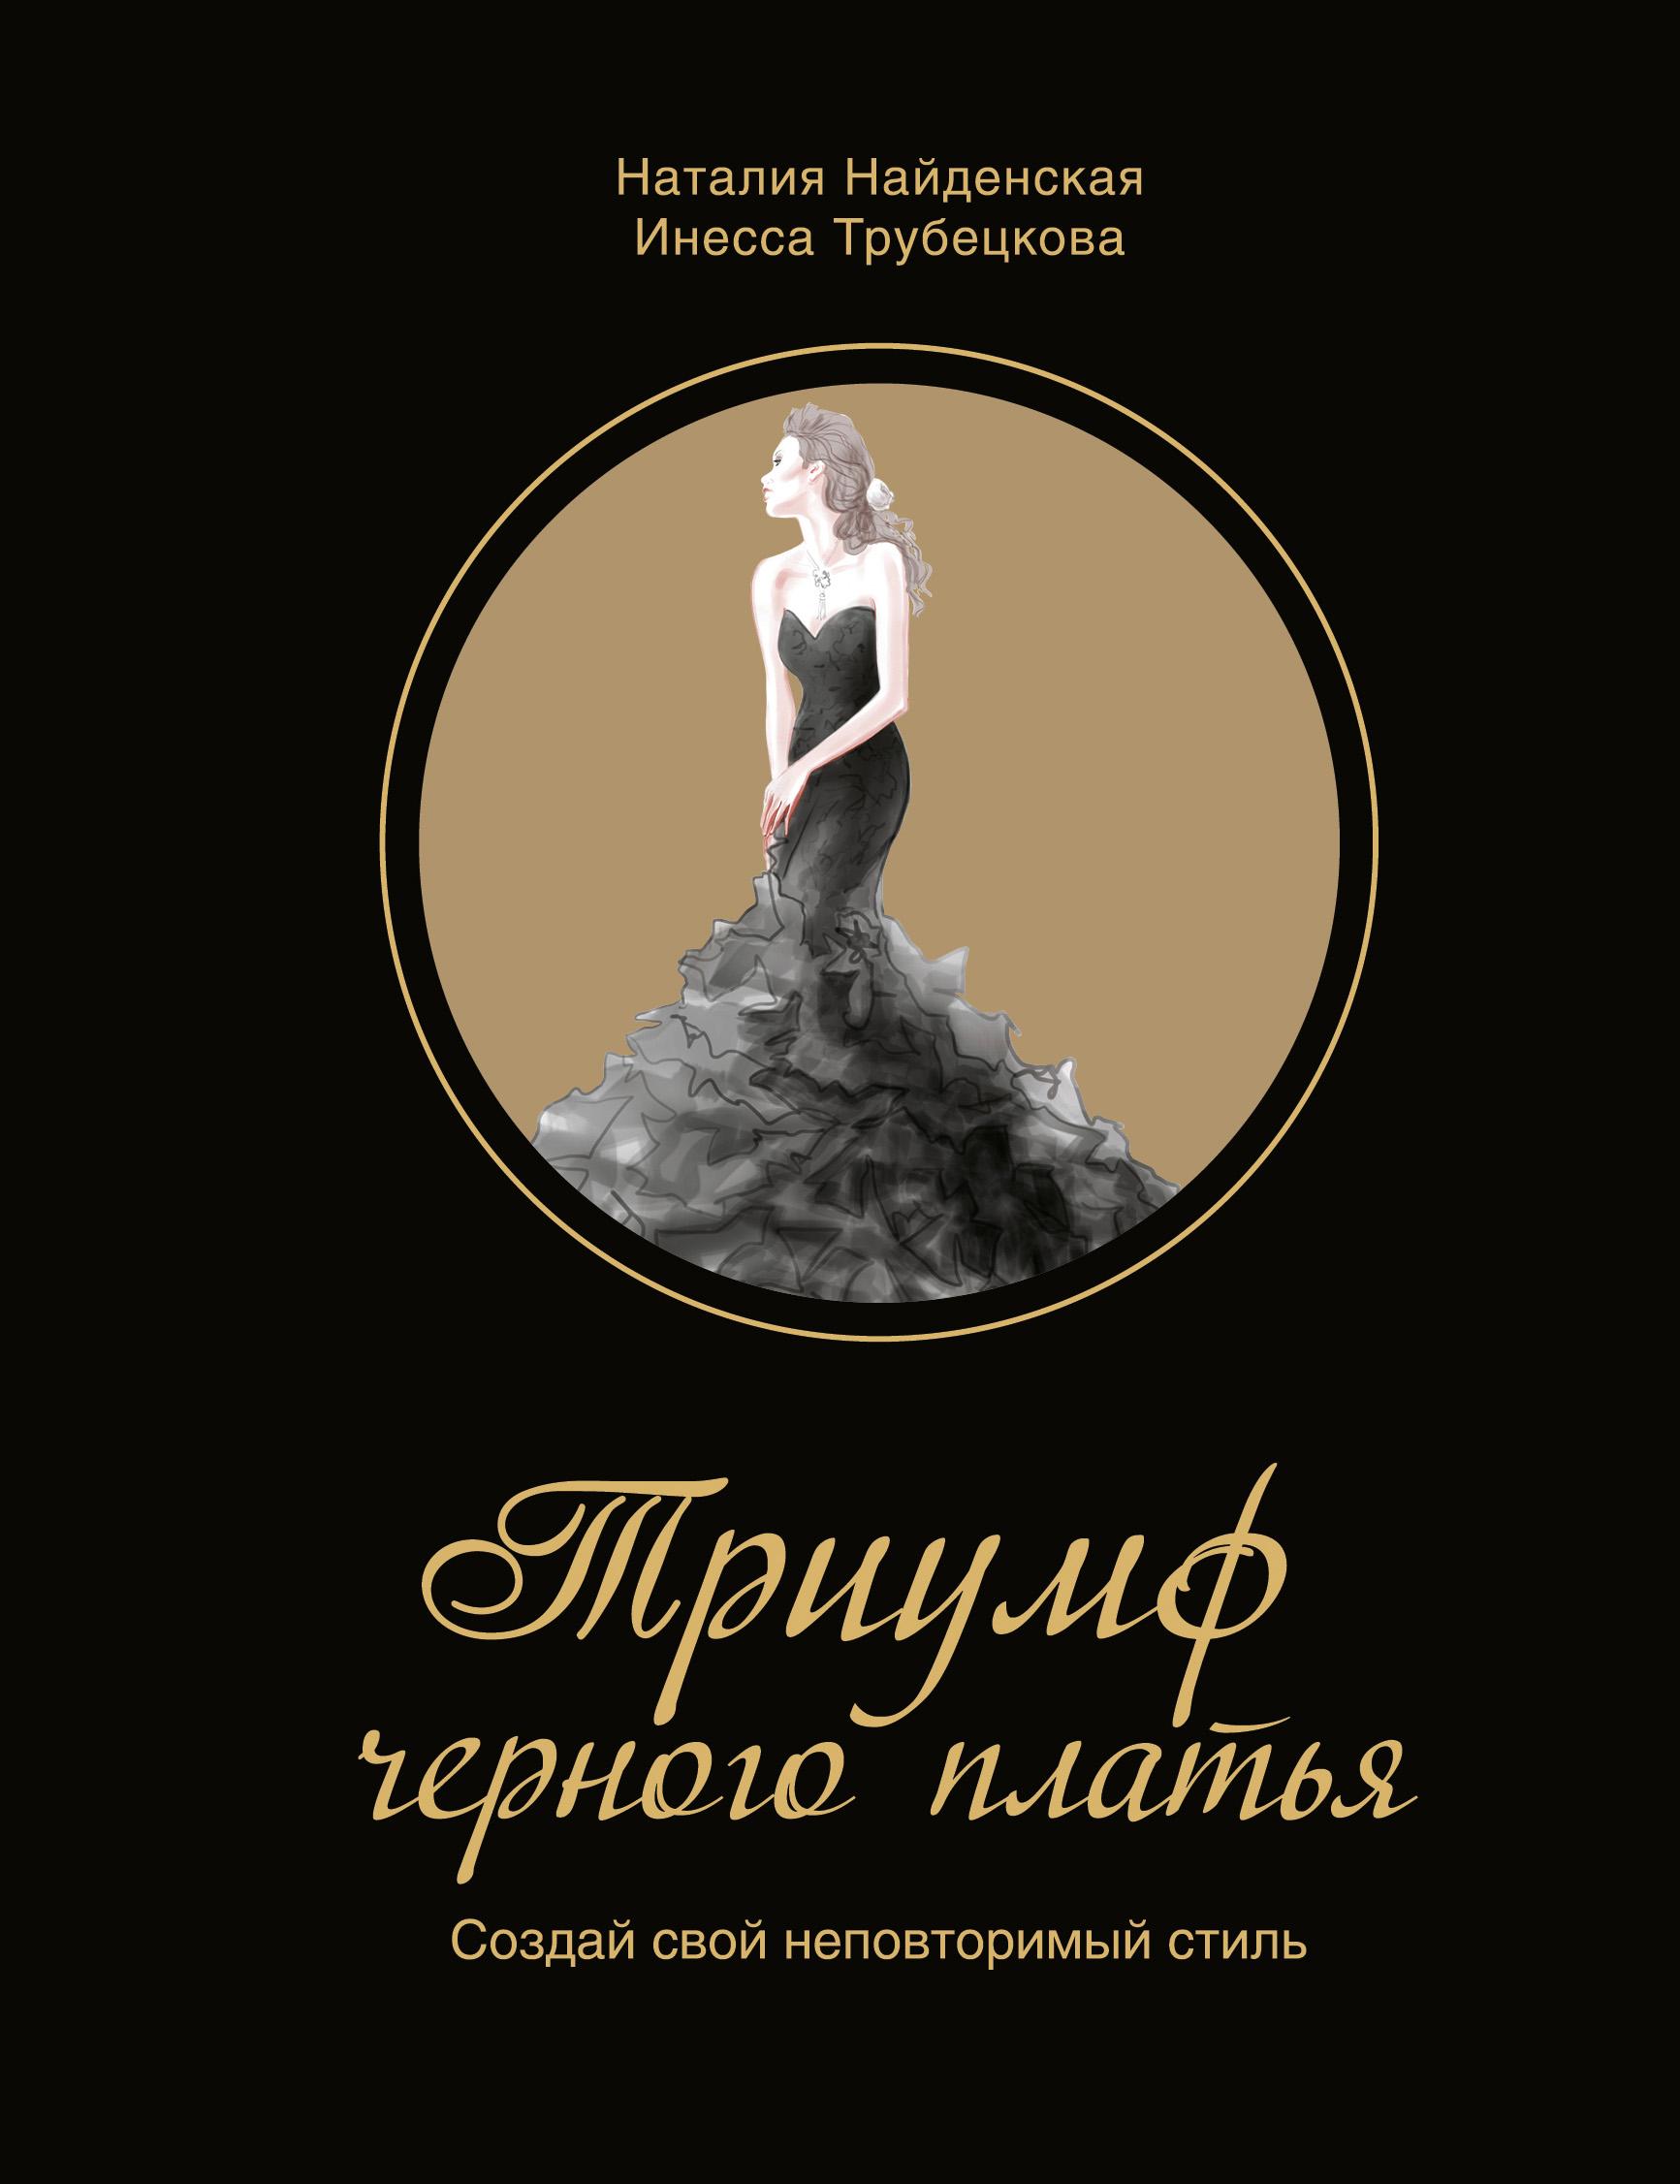 Наталия Найденская Триумф черного платья. Создай свой неповторимый стиль найденская н г трубецкова и а триумф черного платья создай свой неповторимый стиль